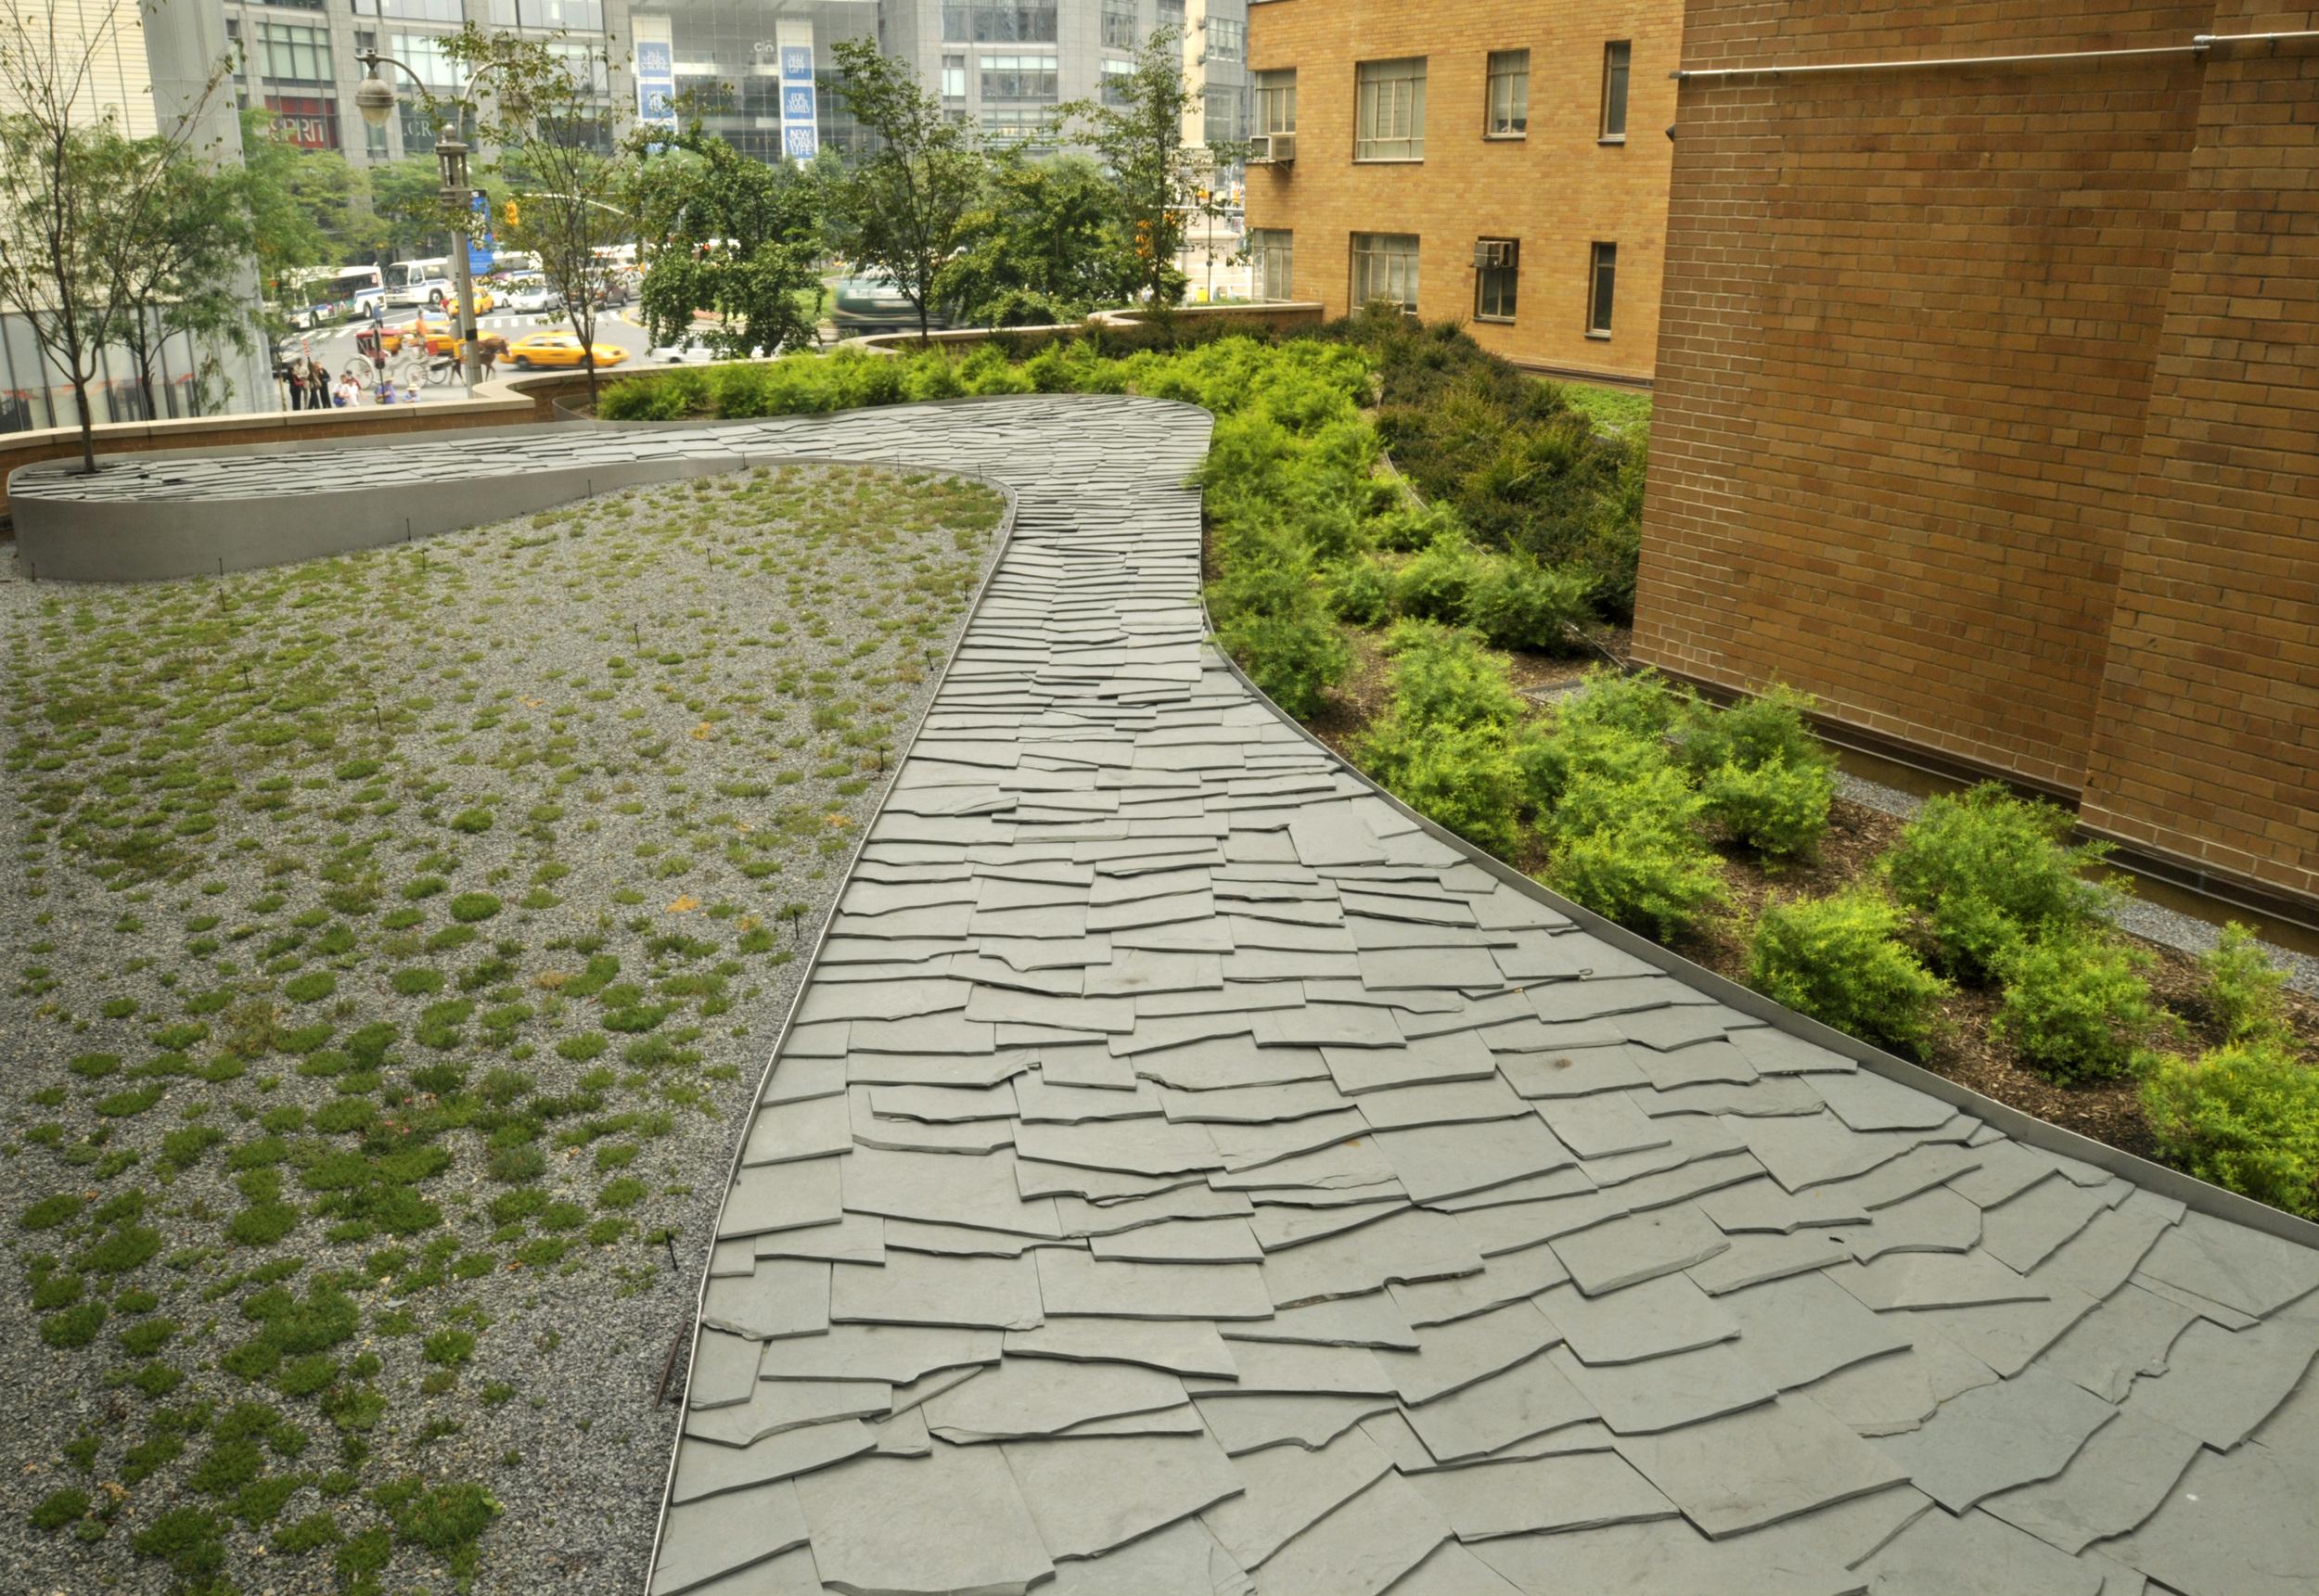 BA_240 Central Park_Mark Dye_path.jpg